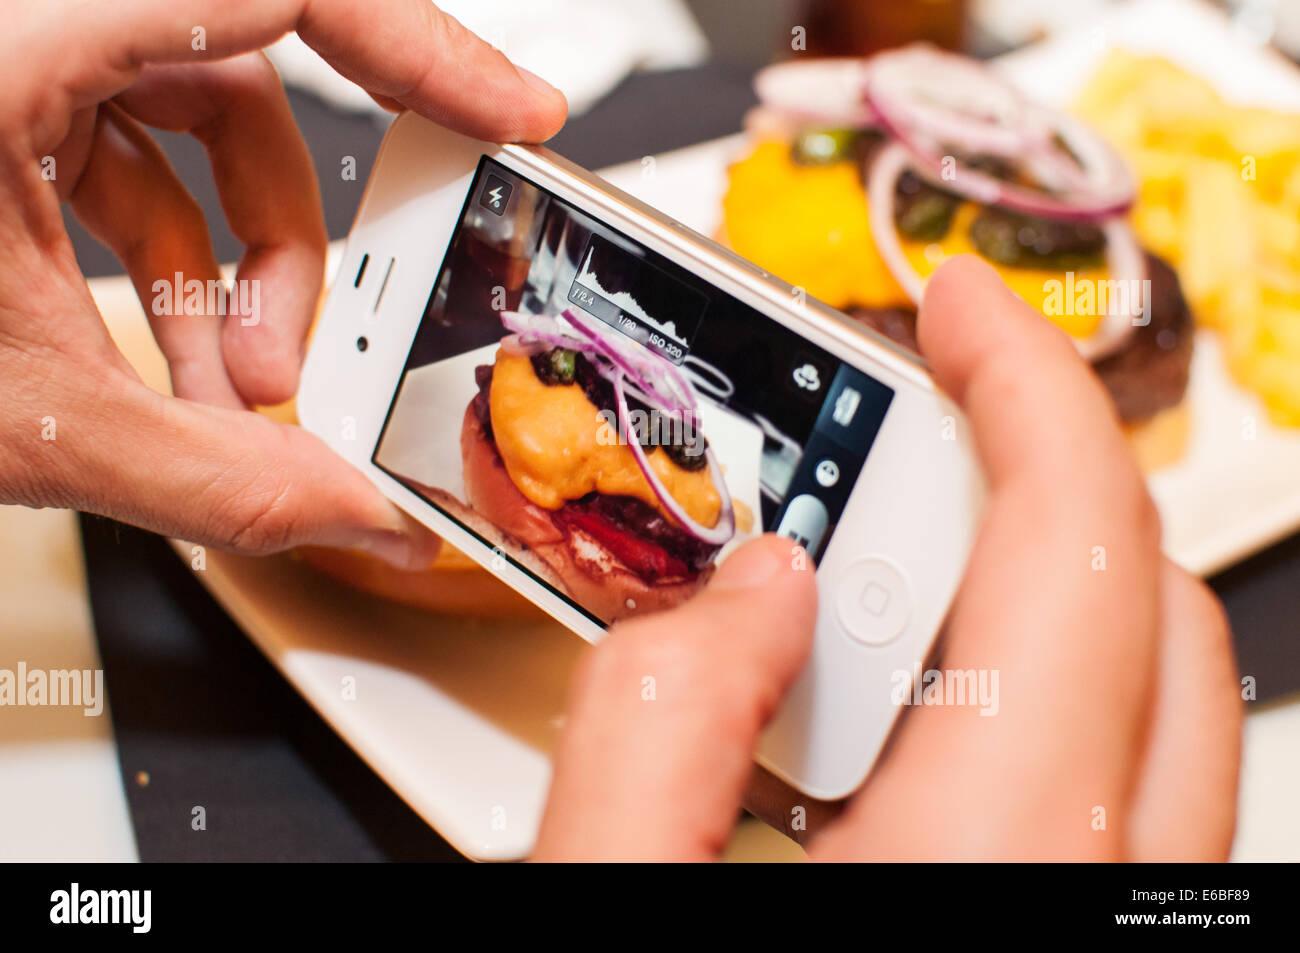 Photographie d'un hamburger au moyen d'un smartphone Photo Stock